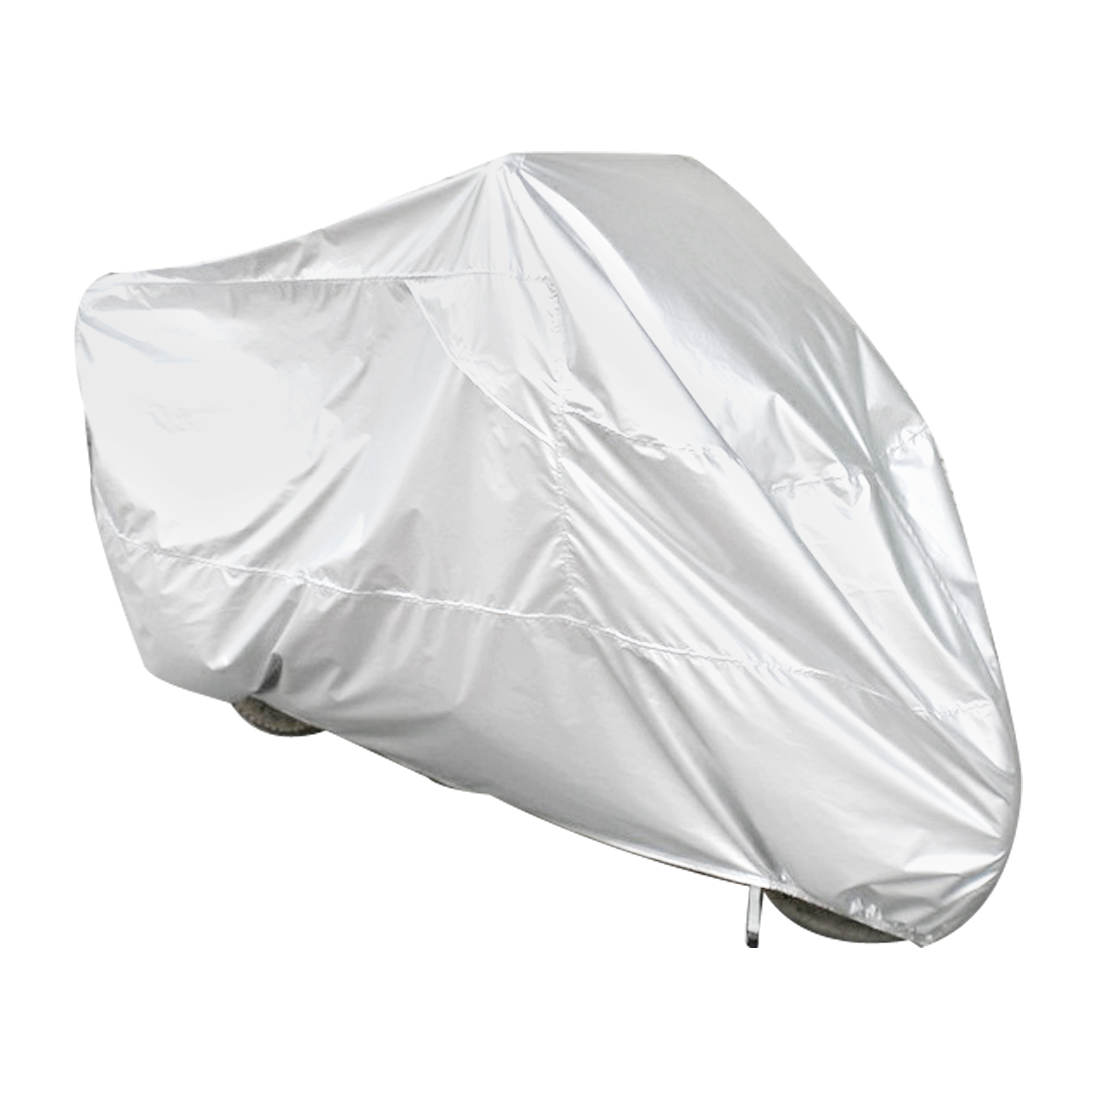 Motorcycle Motorbike Rain Dust Resistant Waterproof Cover Protector Silver Tone